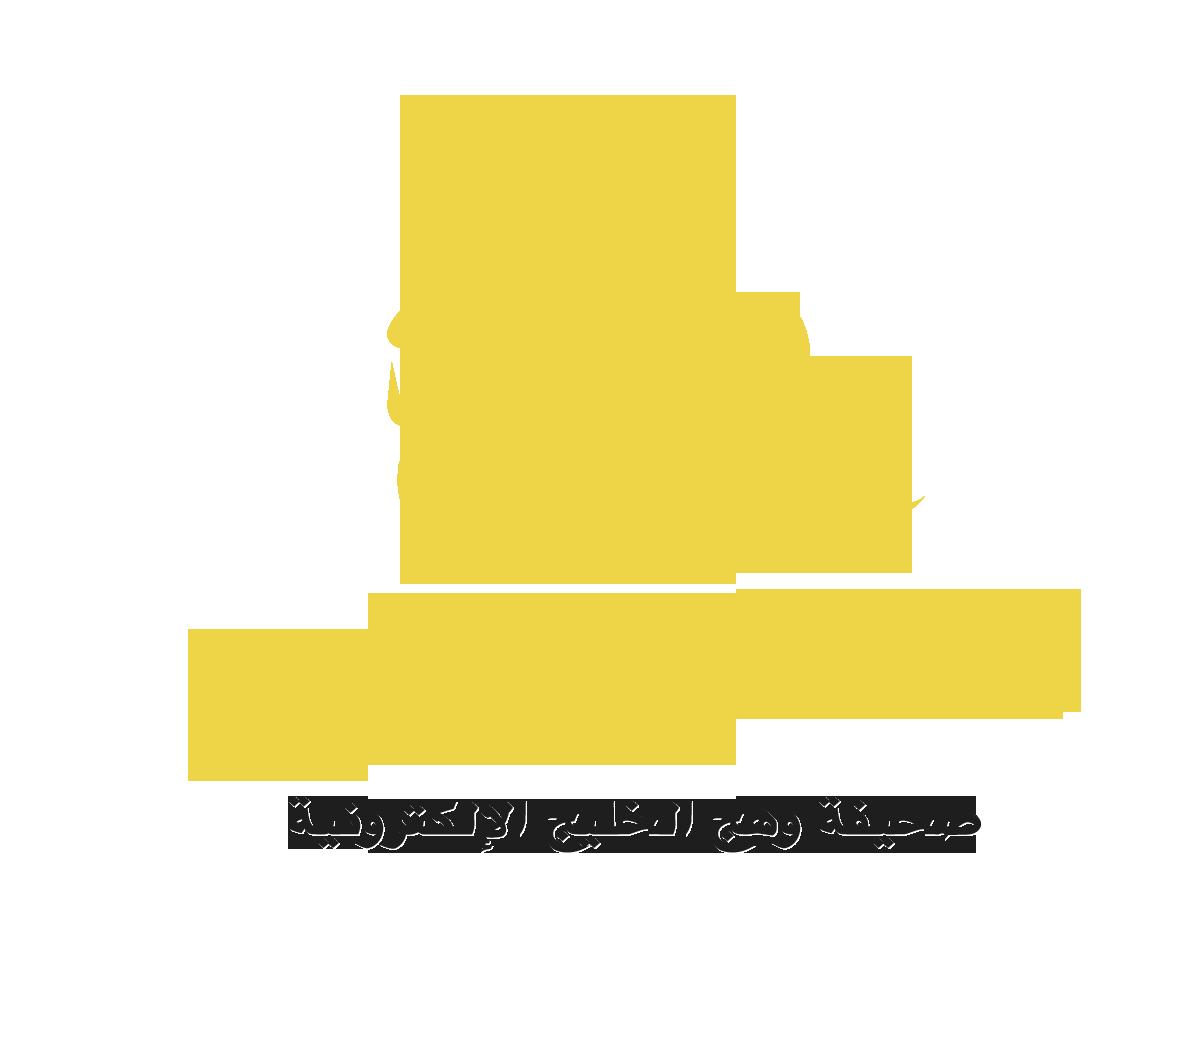 عمان الثقل السياسي والاستراتيجي